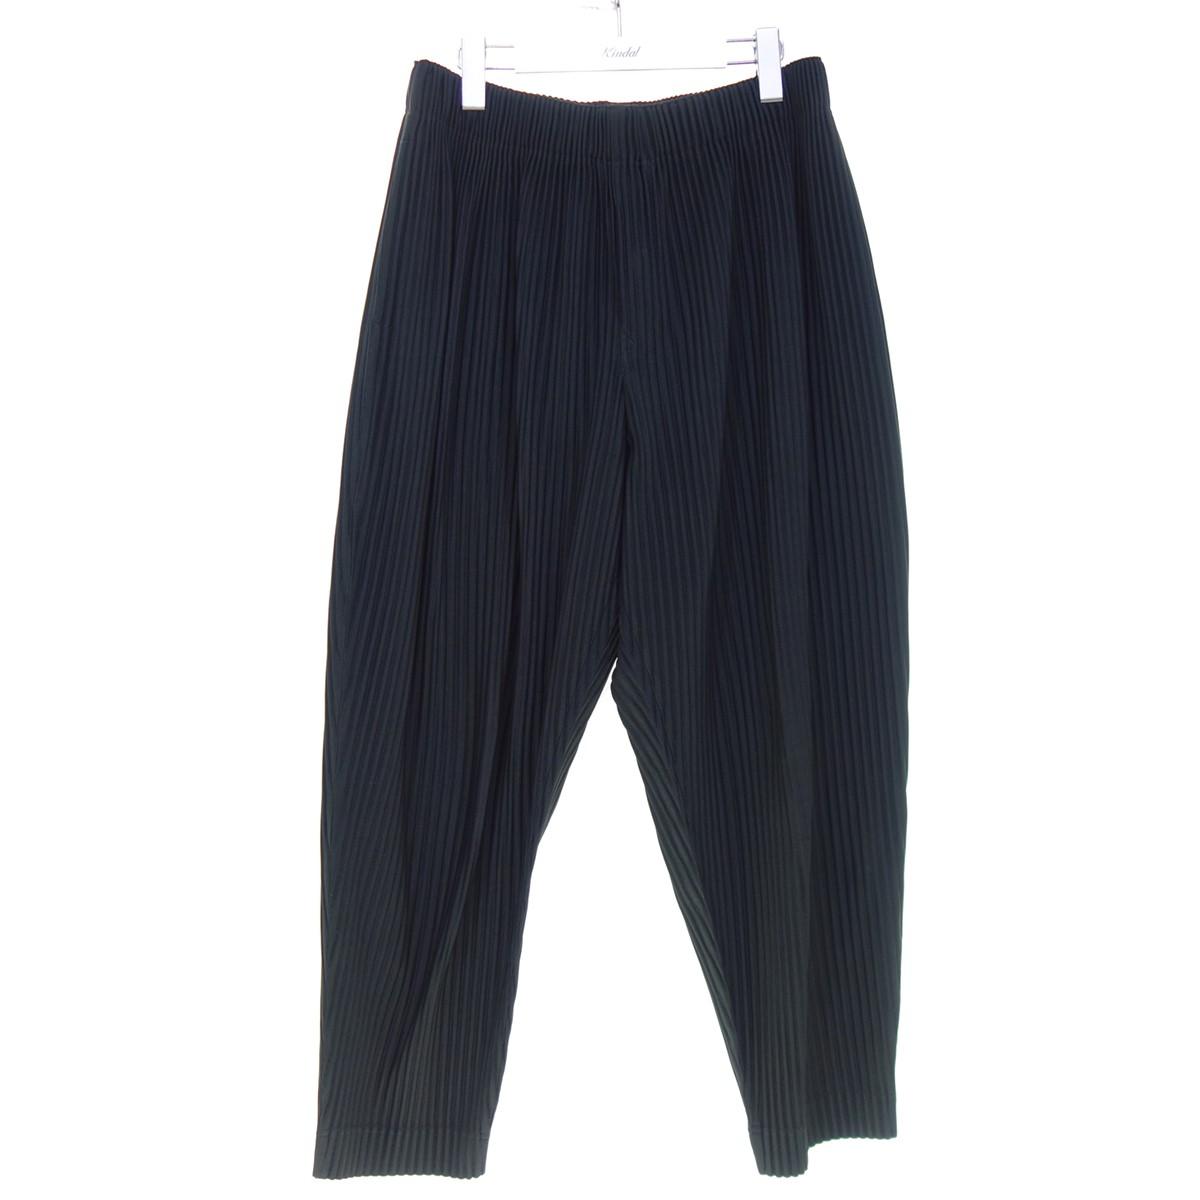 【中古】HOMME PLISSE ISSEY MIYAKE 20SS プリーツパンツ ブラック サイズ:2 【010920】(オムプリッセ イッセイミヤケ)